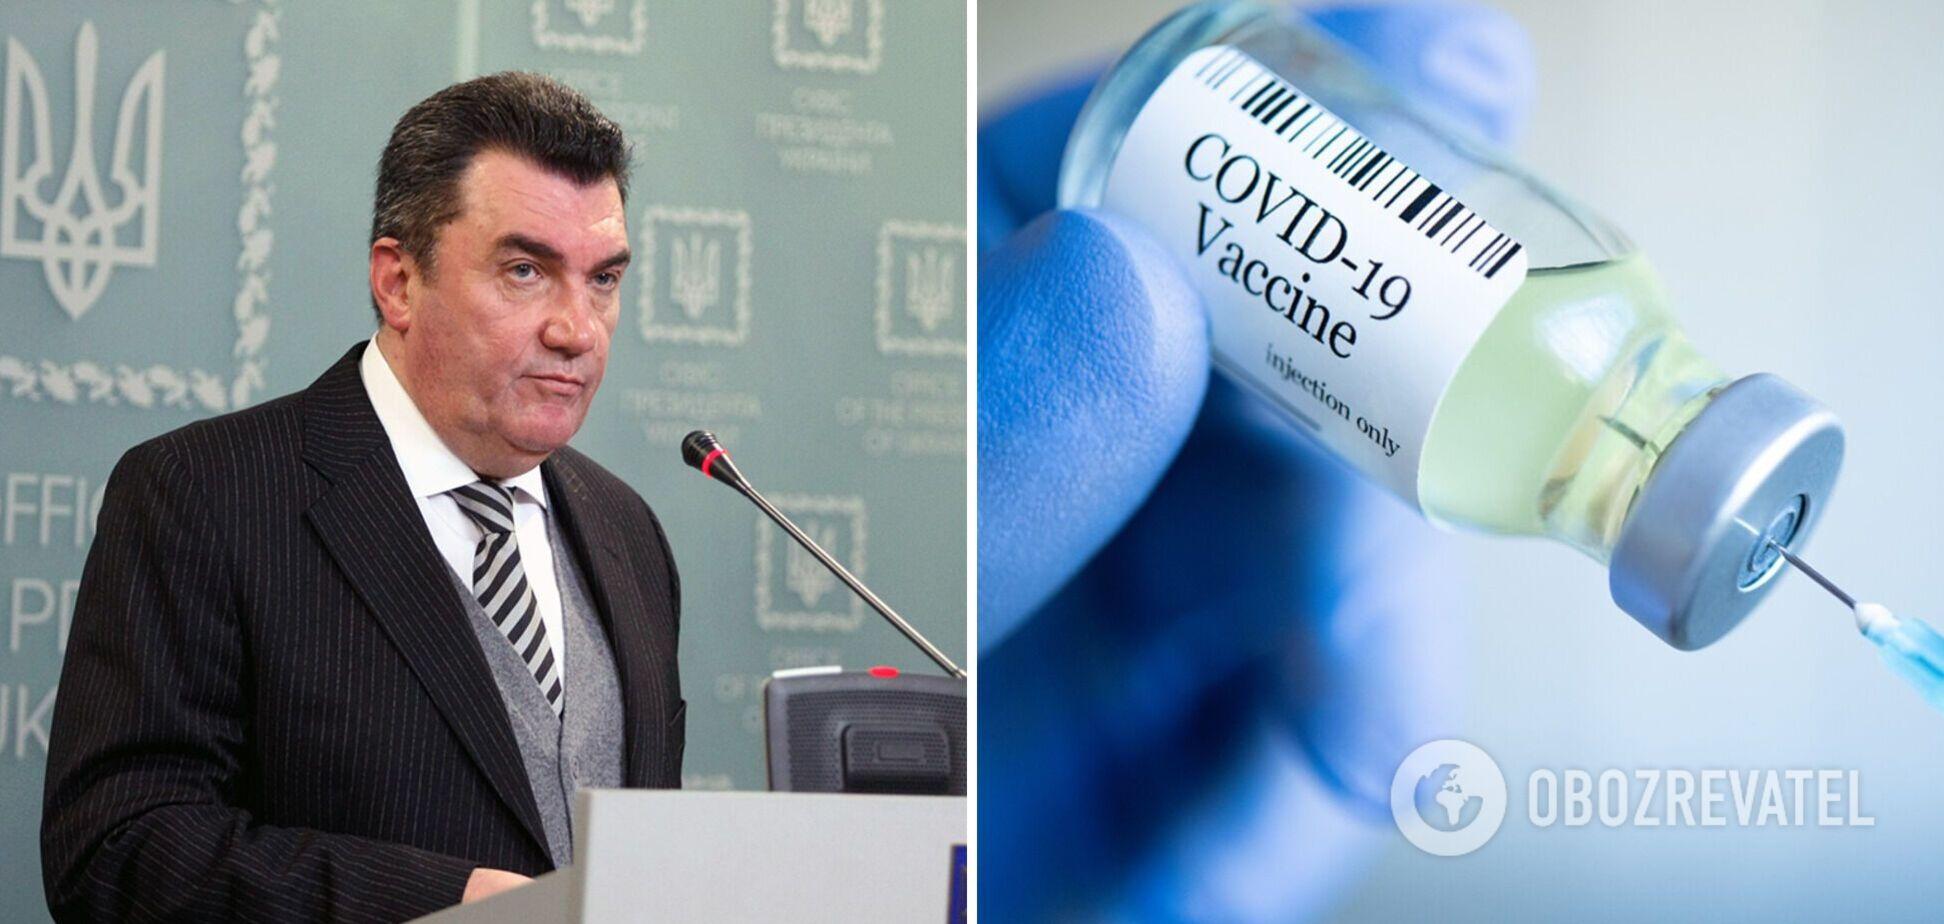 Данилов анонсировал указ Зеленского по вакцинации против COVID-19